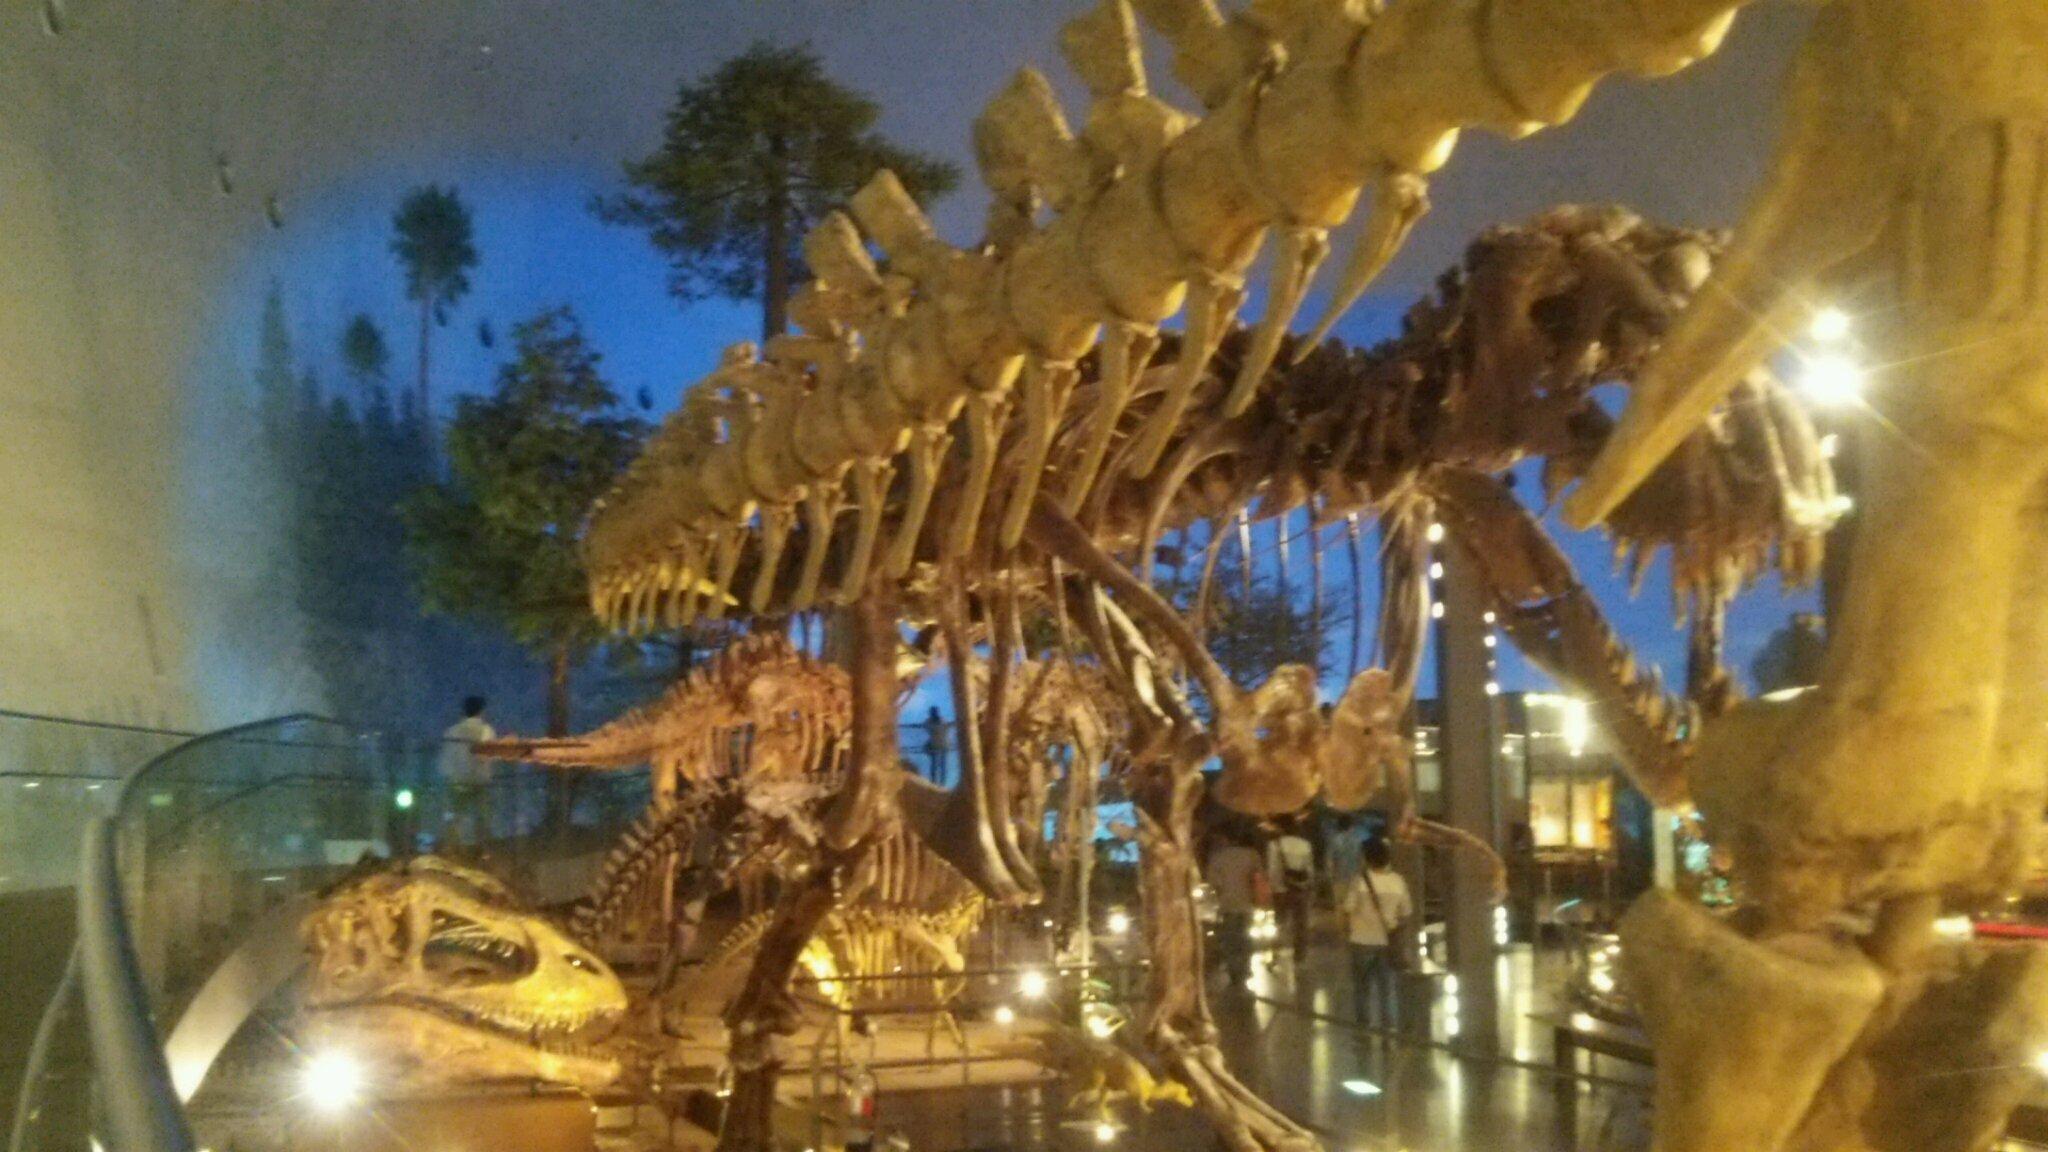 恐竜博物館へ行き、ビックリがいっぱい! 福井は最高!_e0119092_11104468.jpg